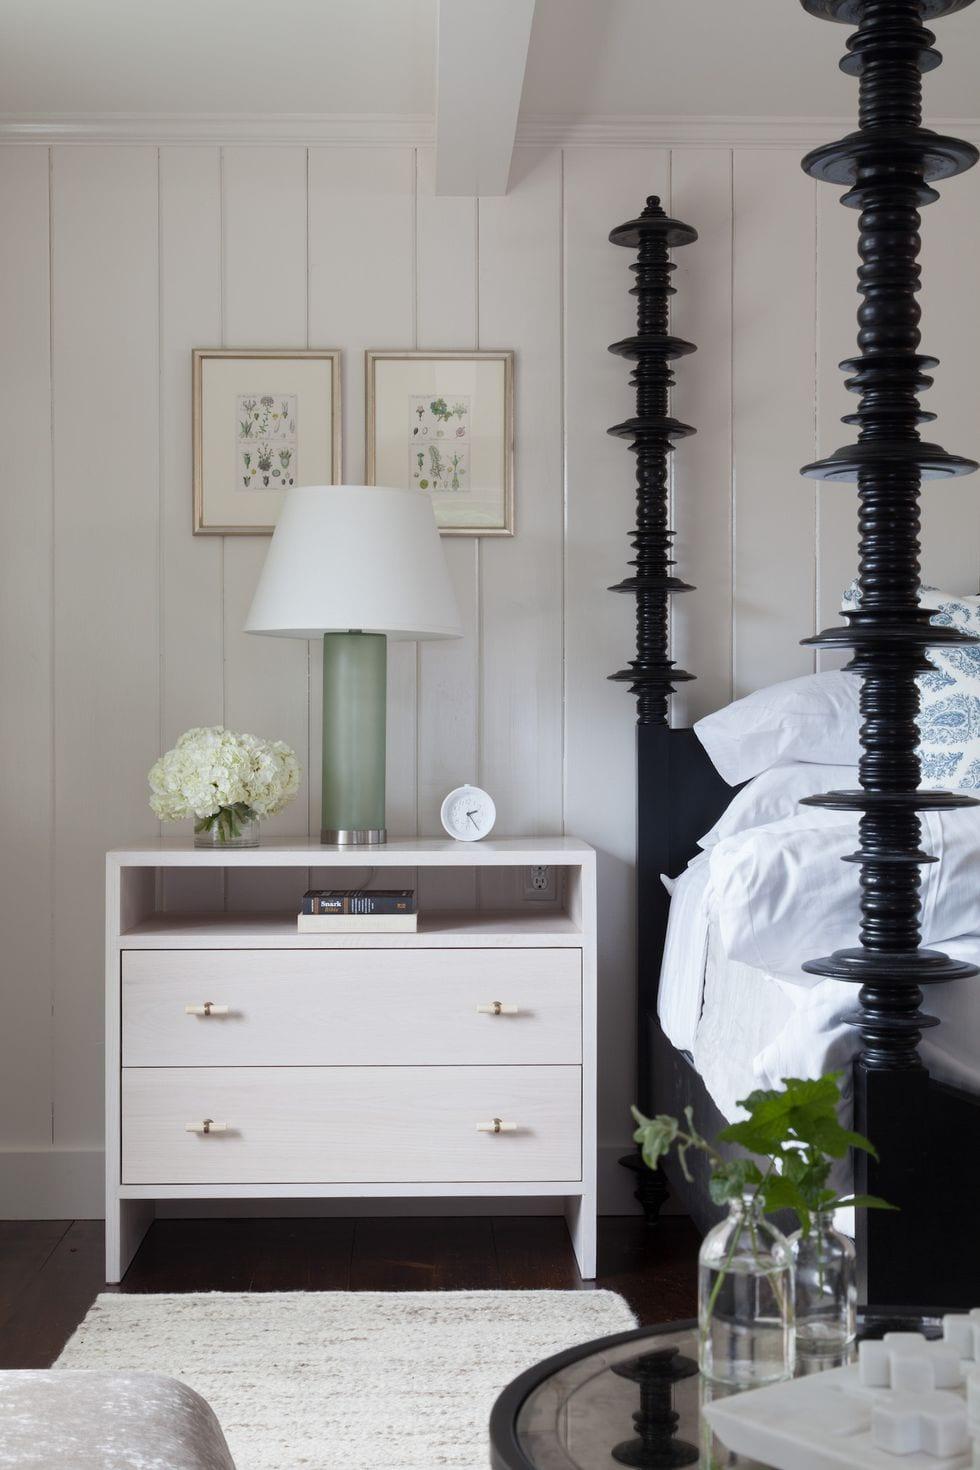 All White Sidetable Design Ideas For Bedroom